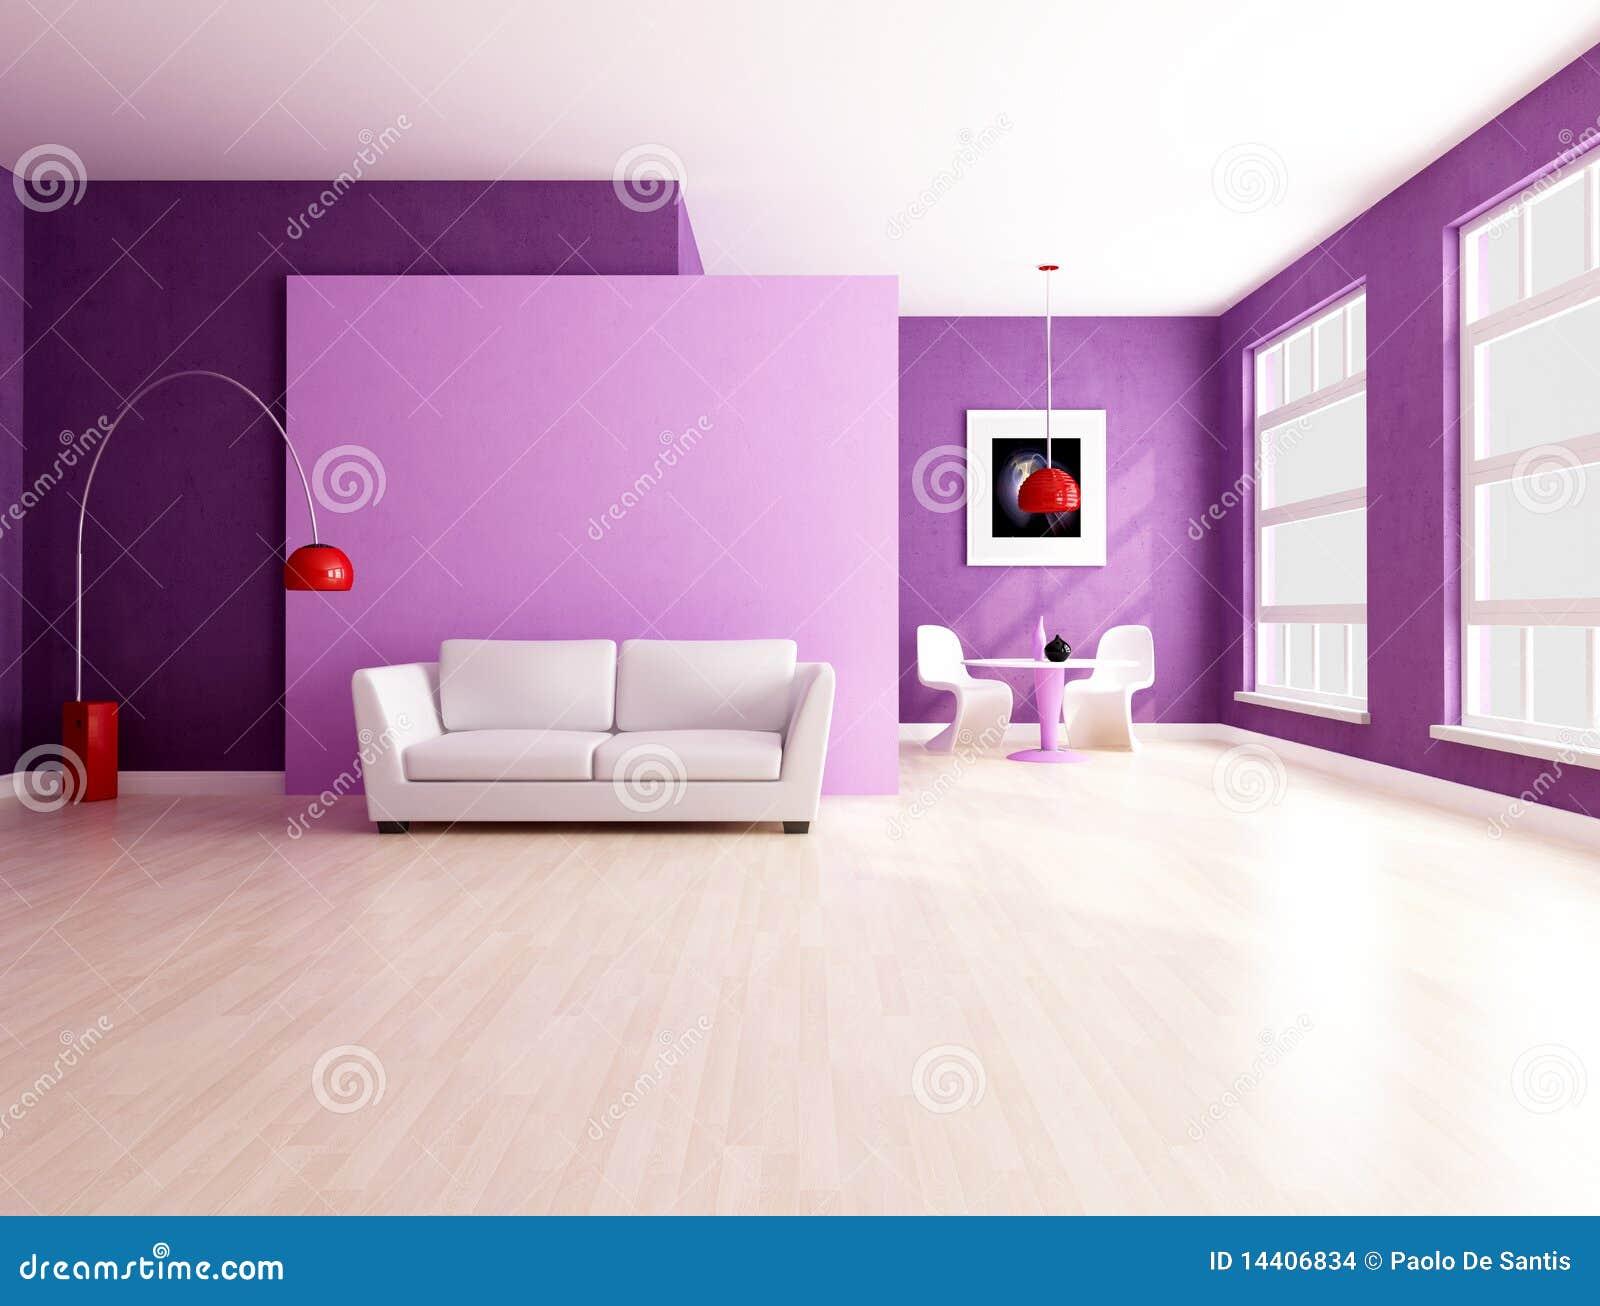 Pareti Viola E Lilla : Salone viola minimalista con pranzare spazio illustrazione di